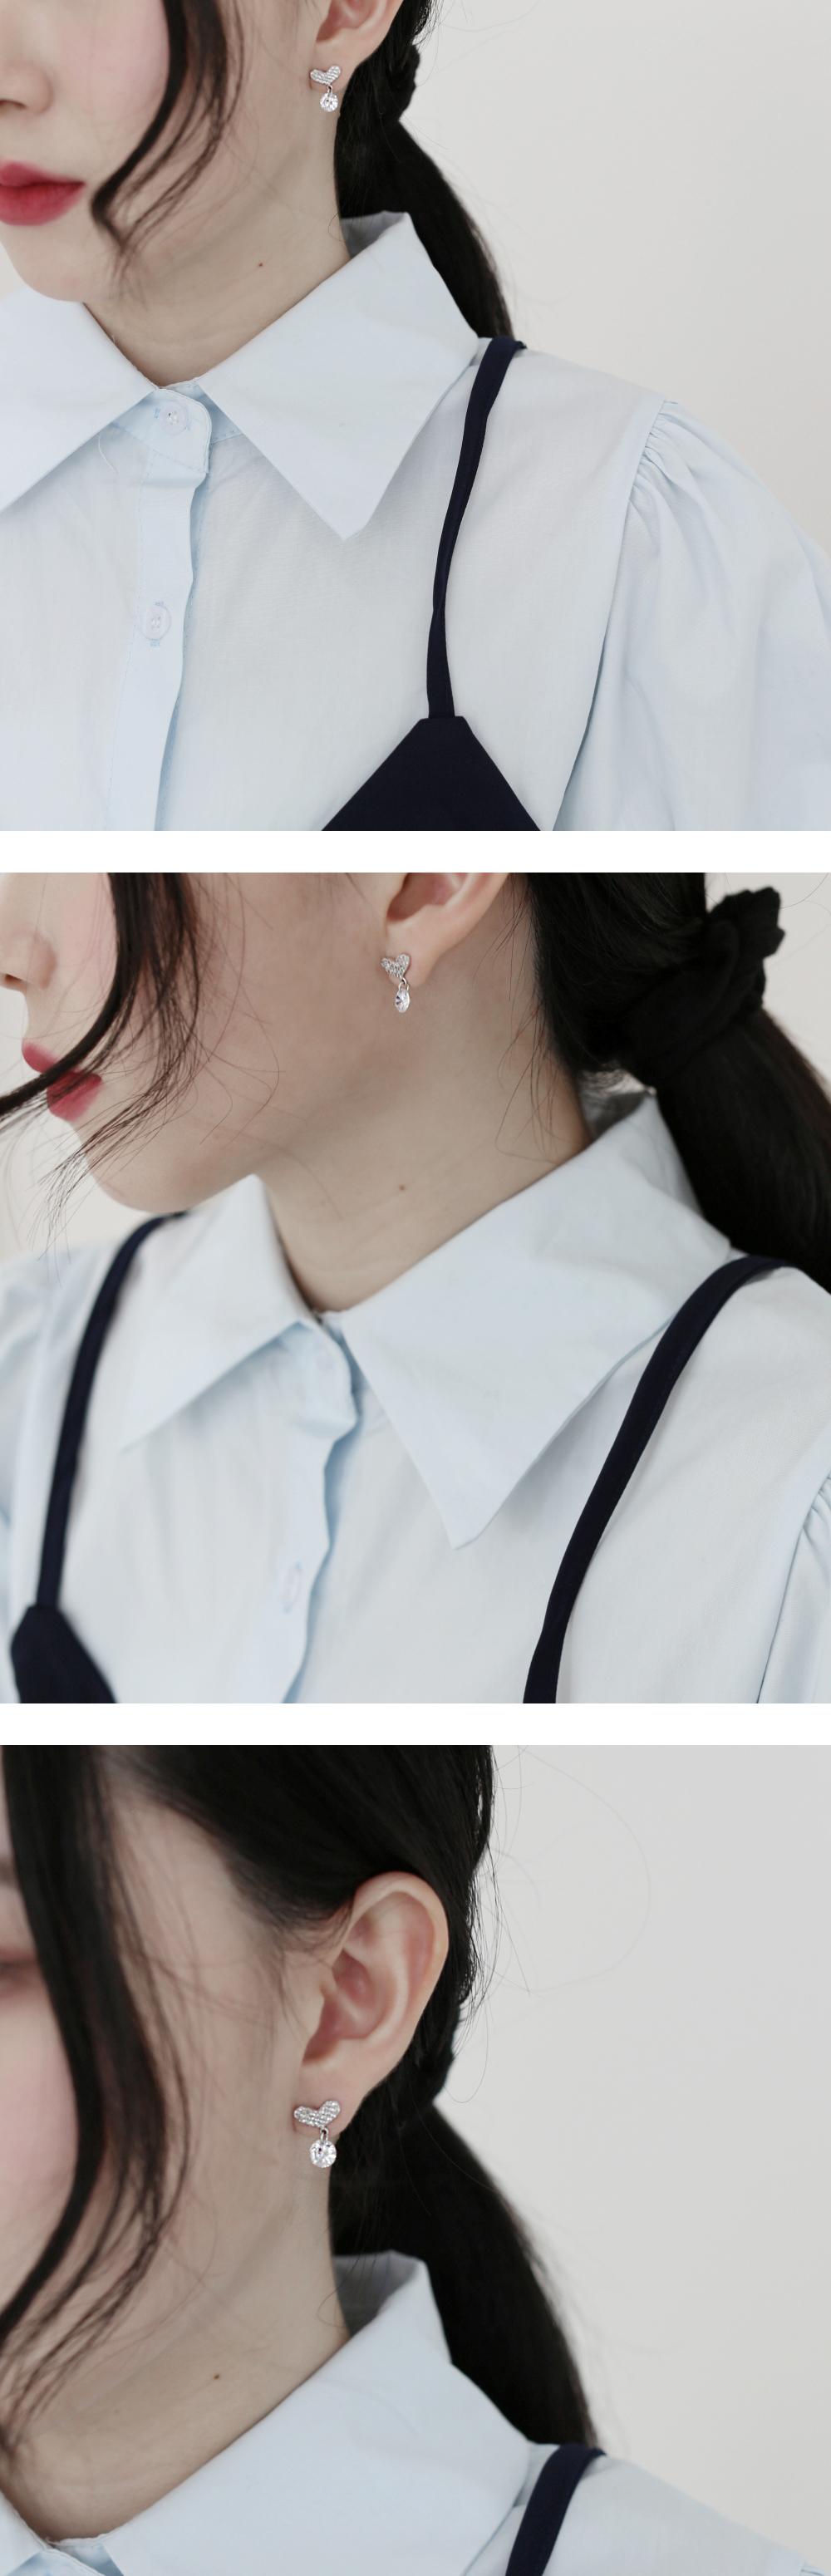 Bebe heart earrings